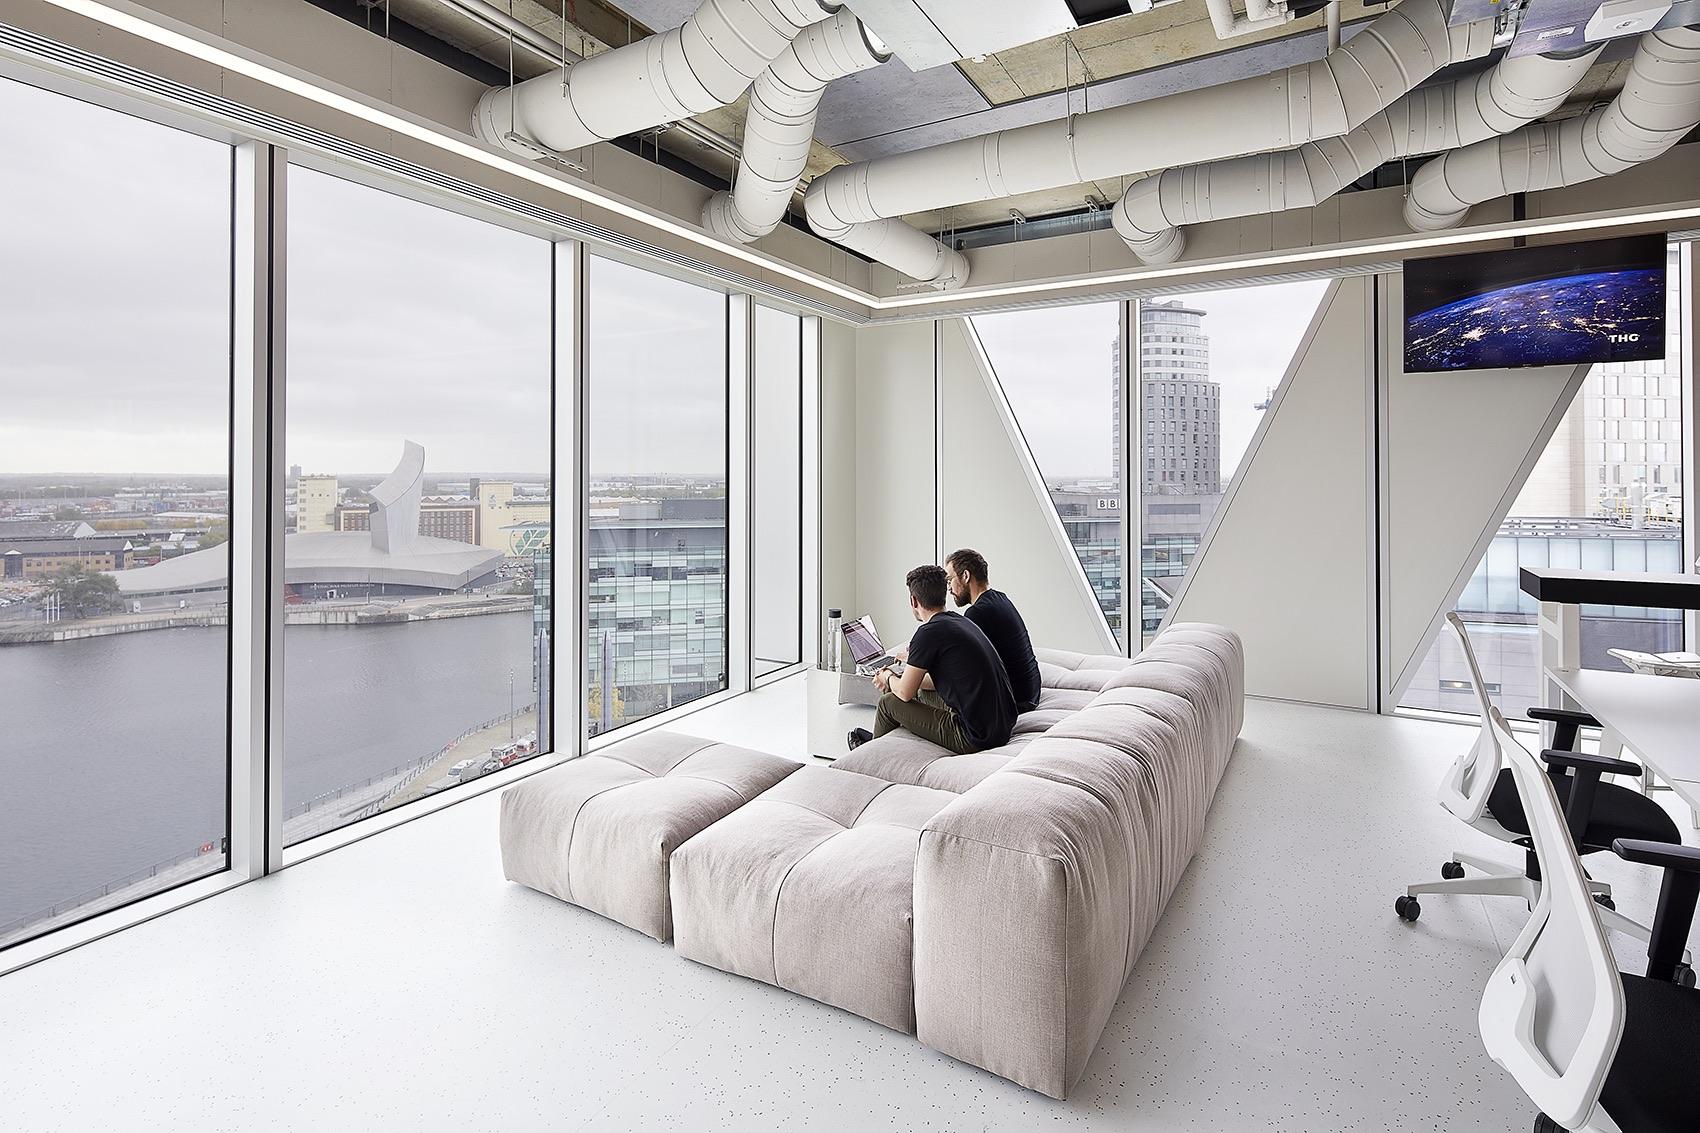 ingenuity-thg-office-5